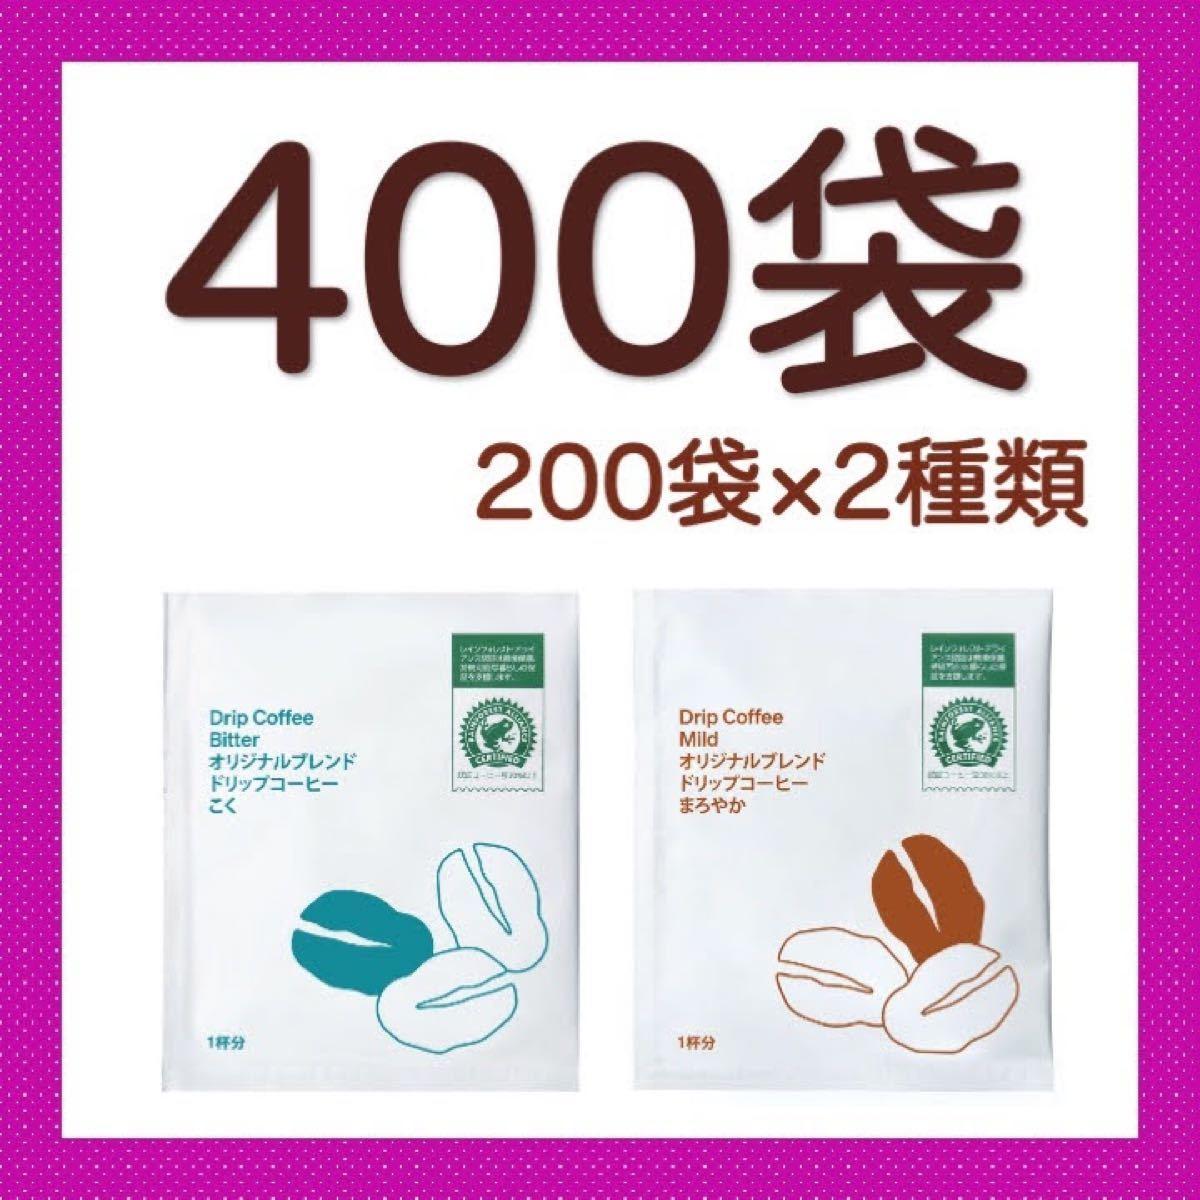 コーヒー ドリップバッグ 400袋セット 2種類